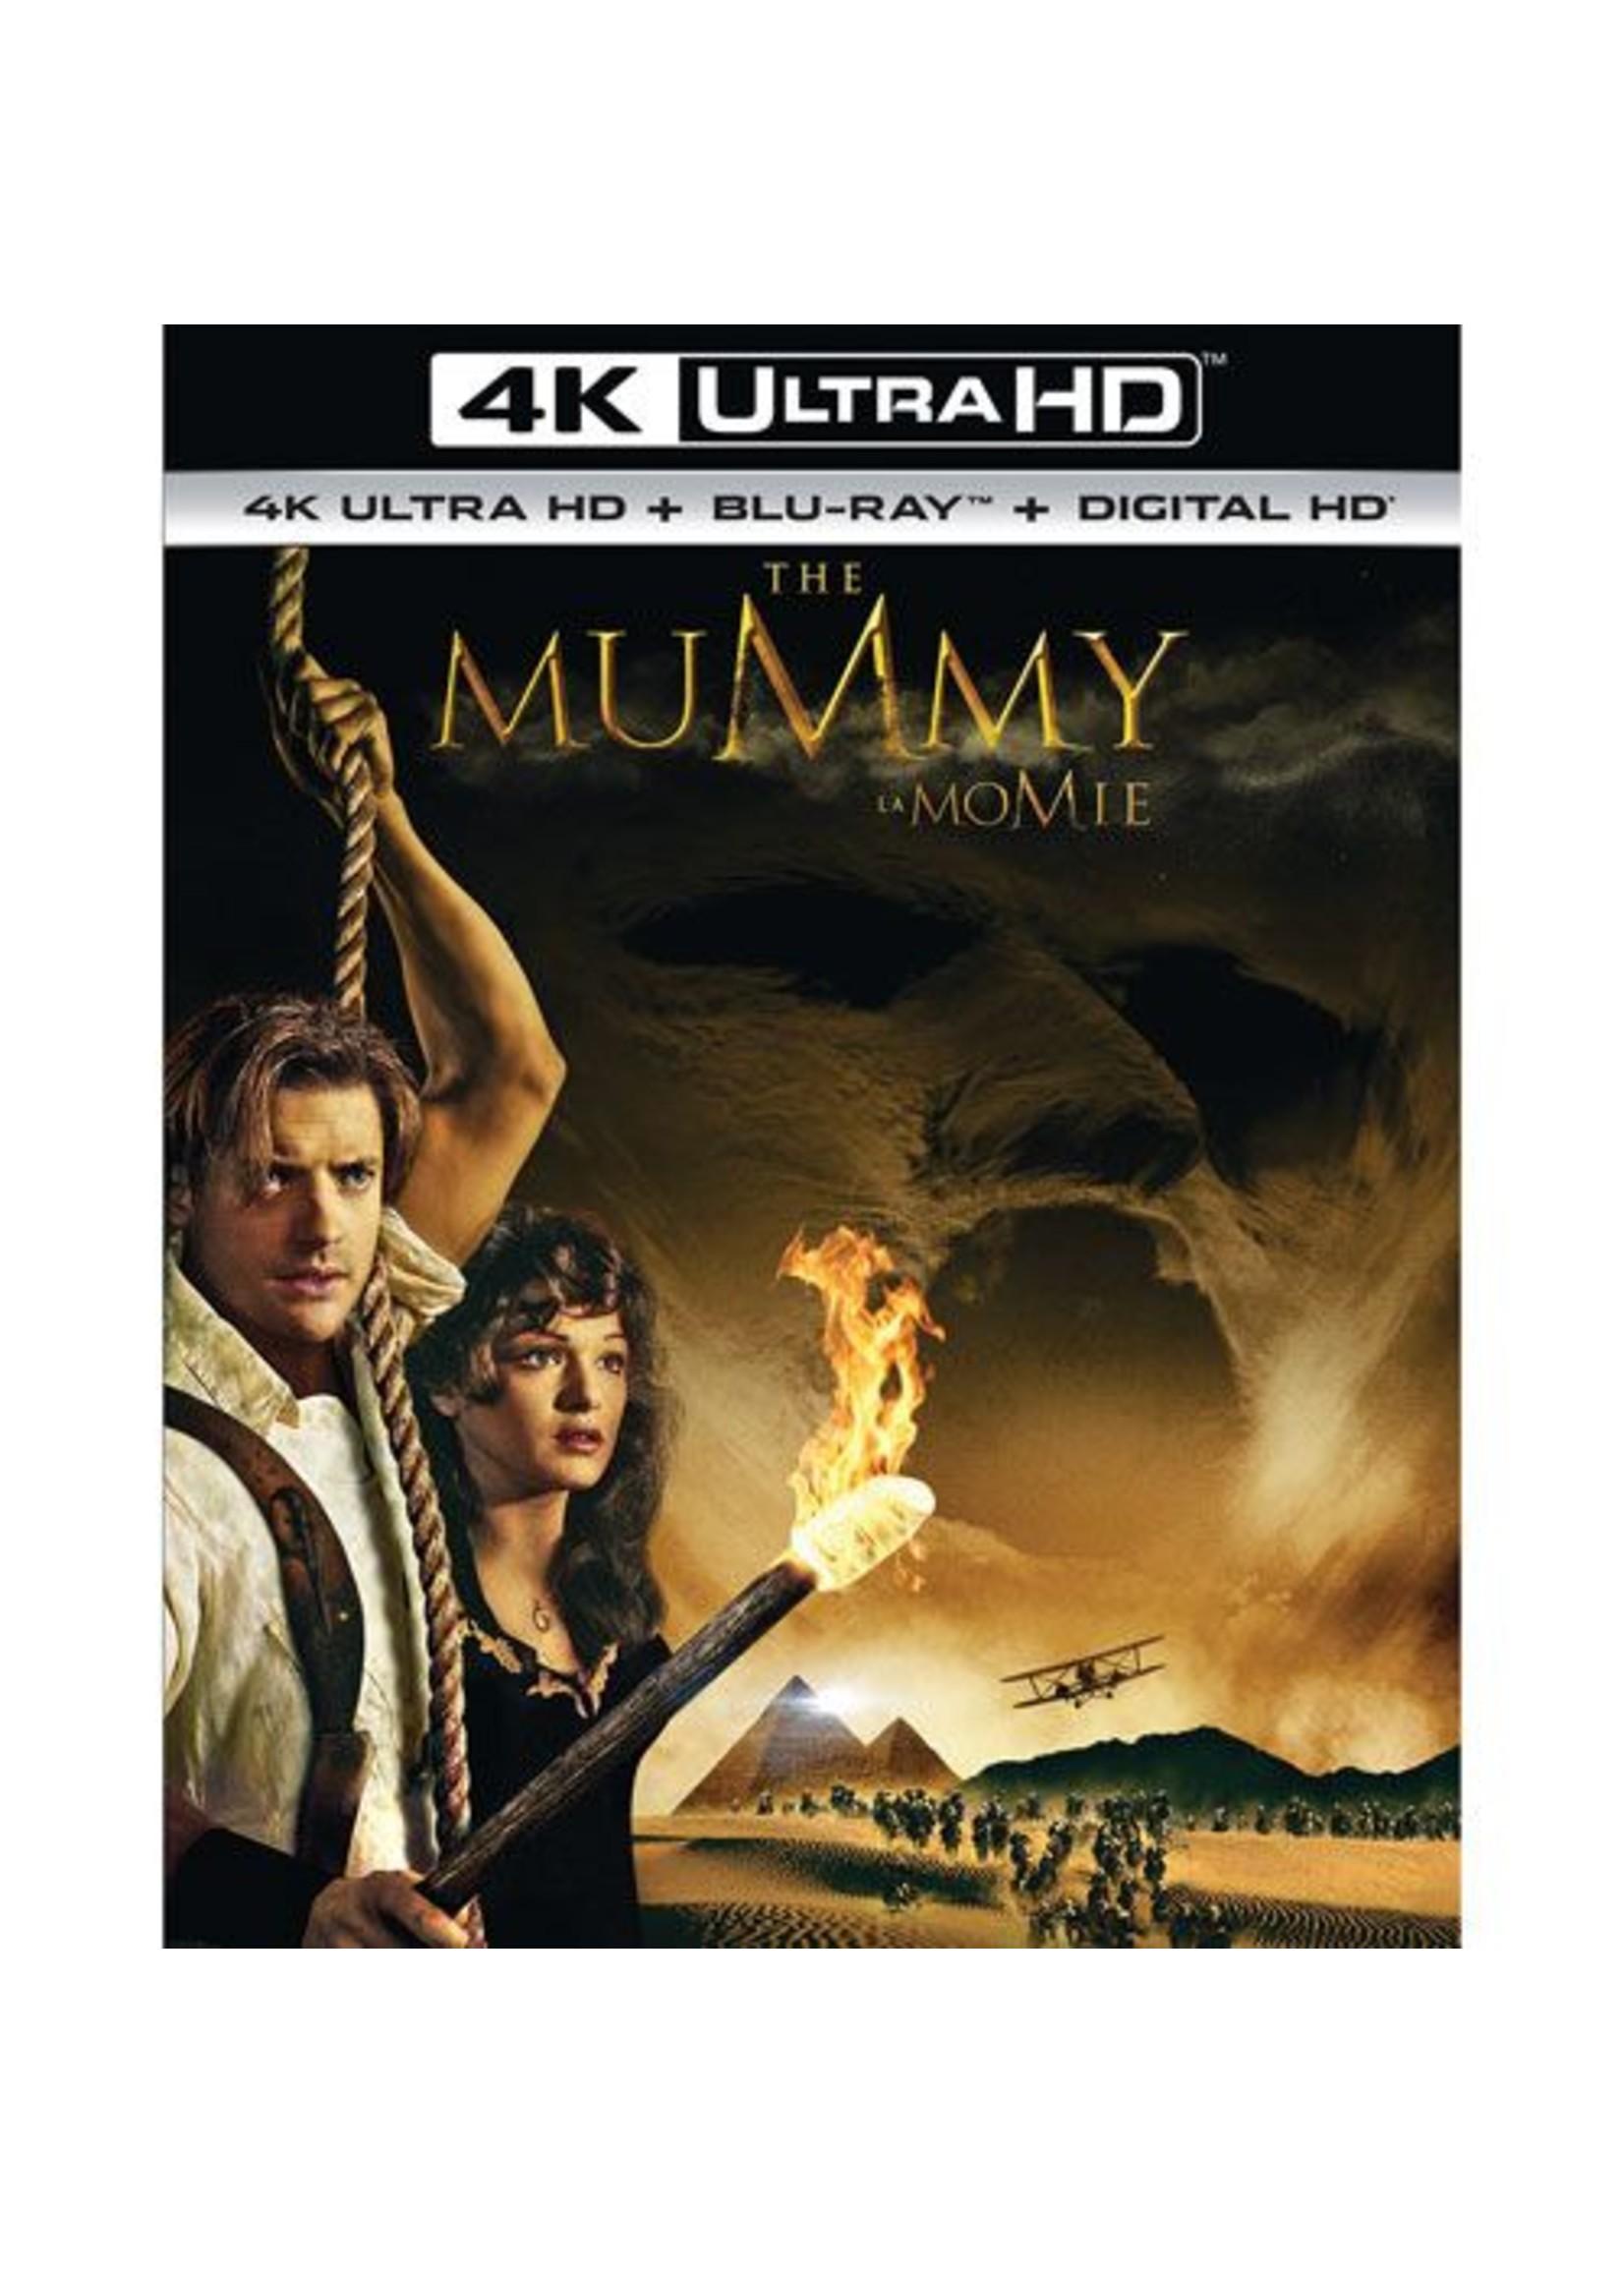 BluRay Movie The Mummy